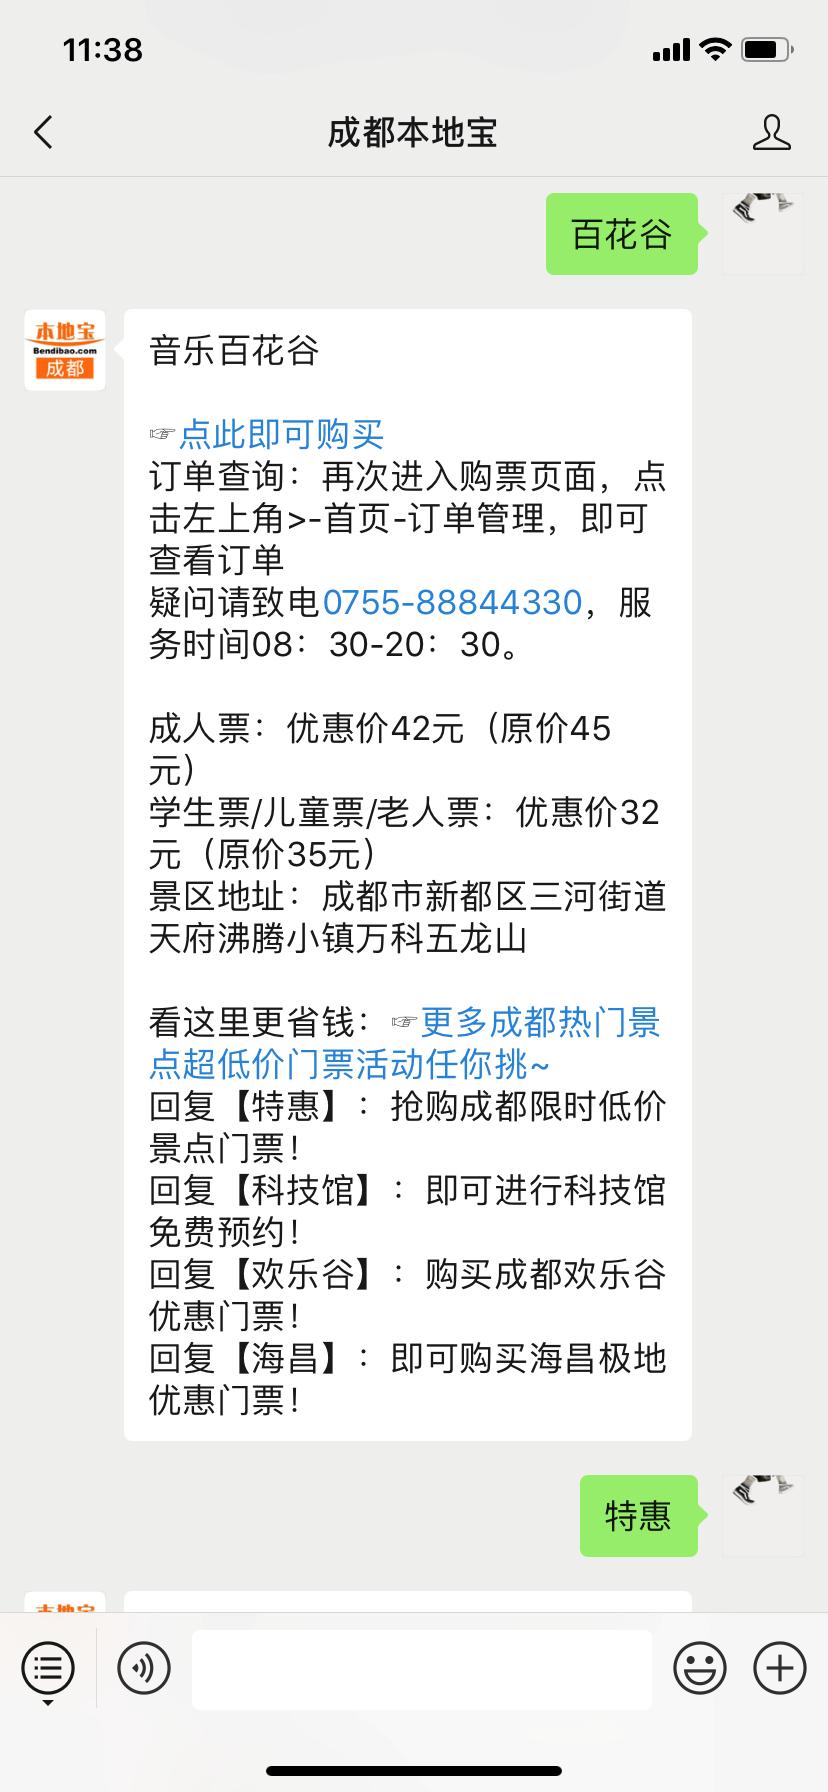 2019年成都音乐百花谷门票价格及各项优惠信息